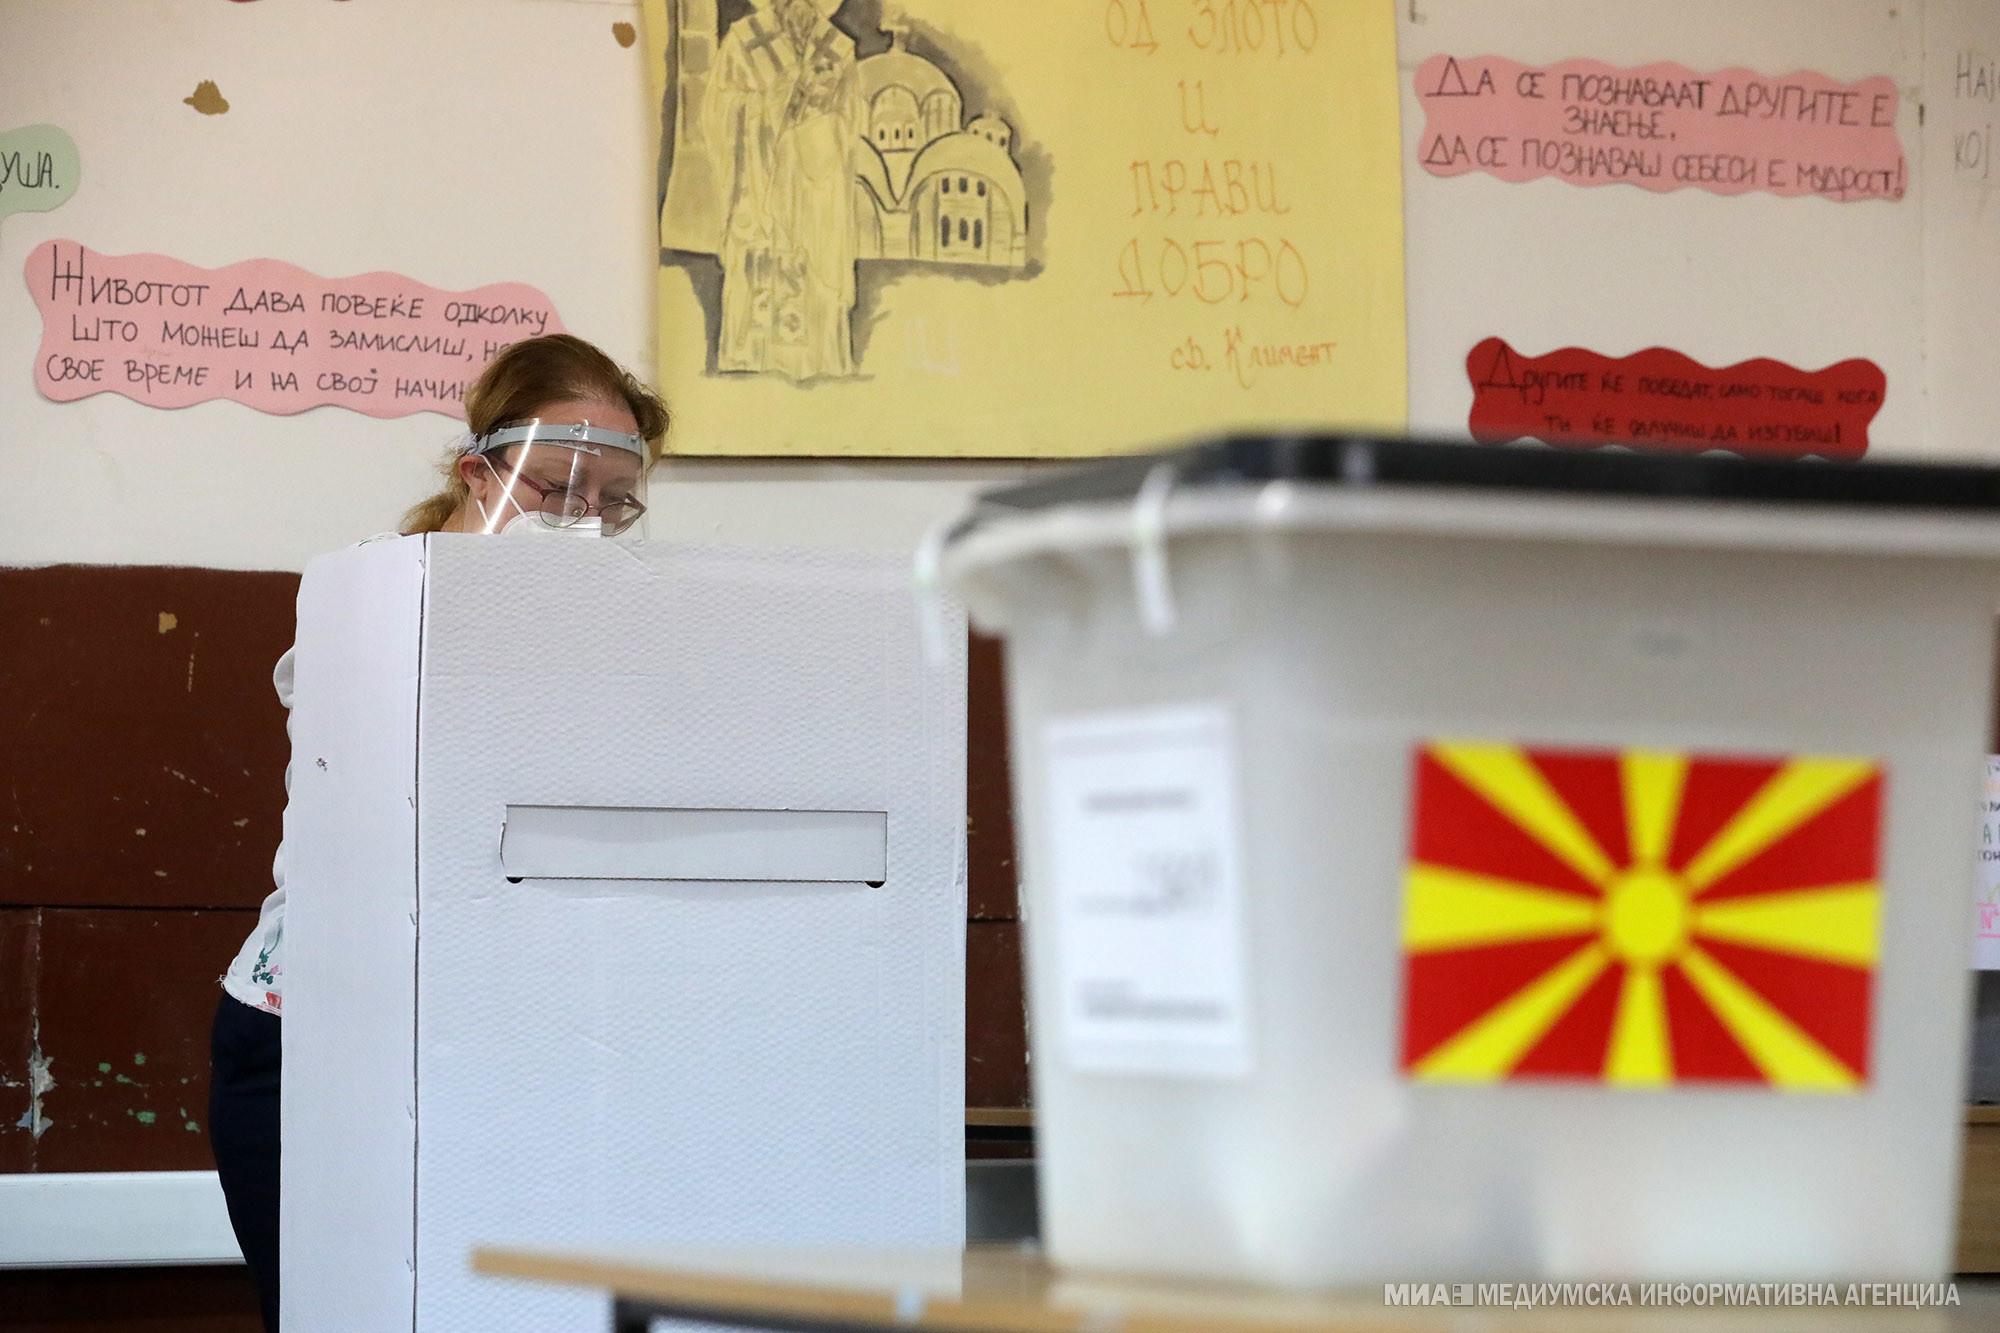 Βόρεια Μακεδονία: Και επίσημα το SDSM 46 έδρες και το VMRO-DPMNE 44